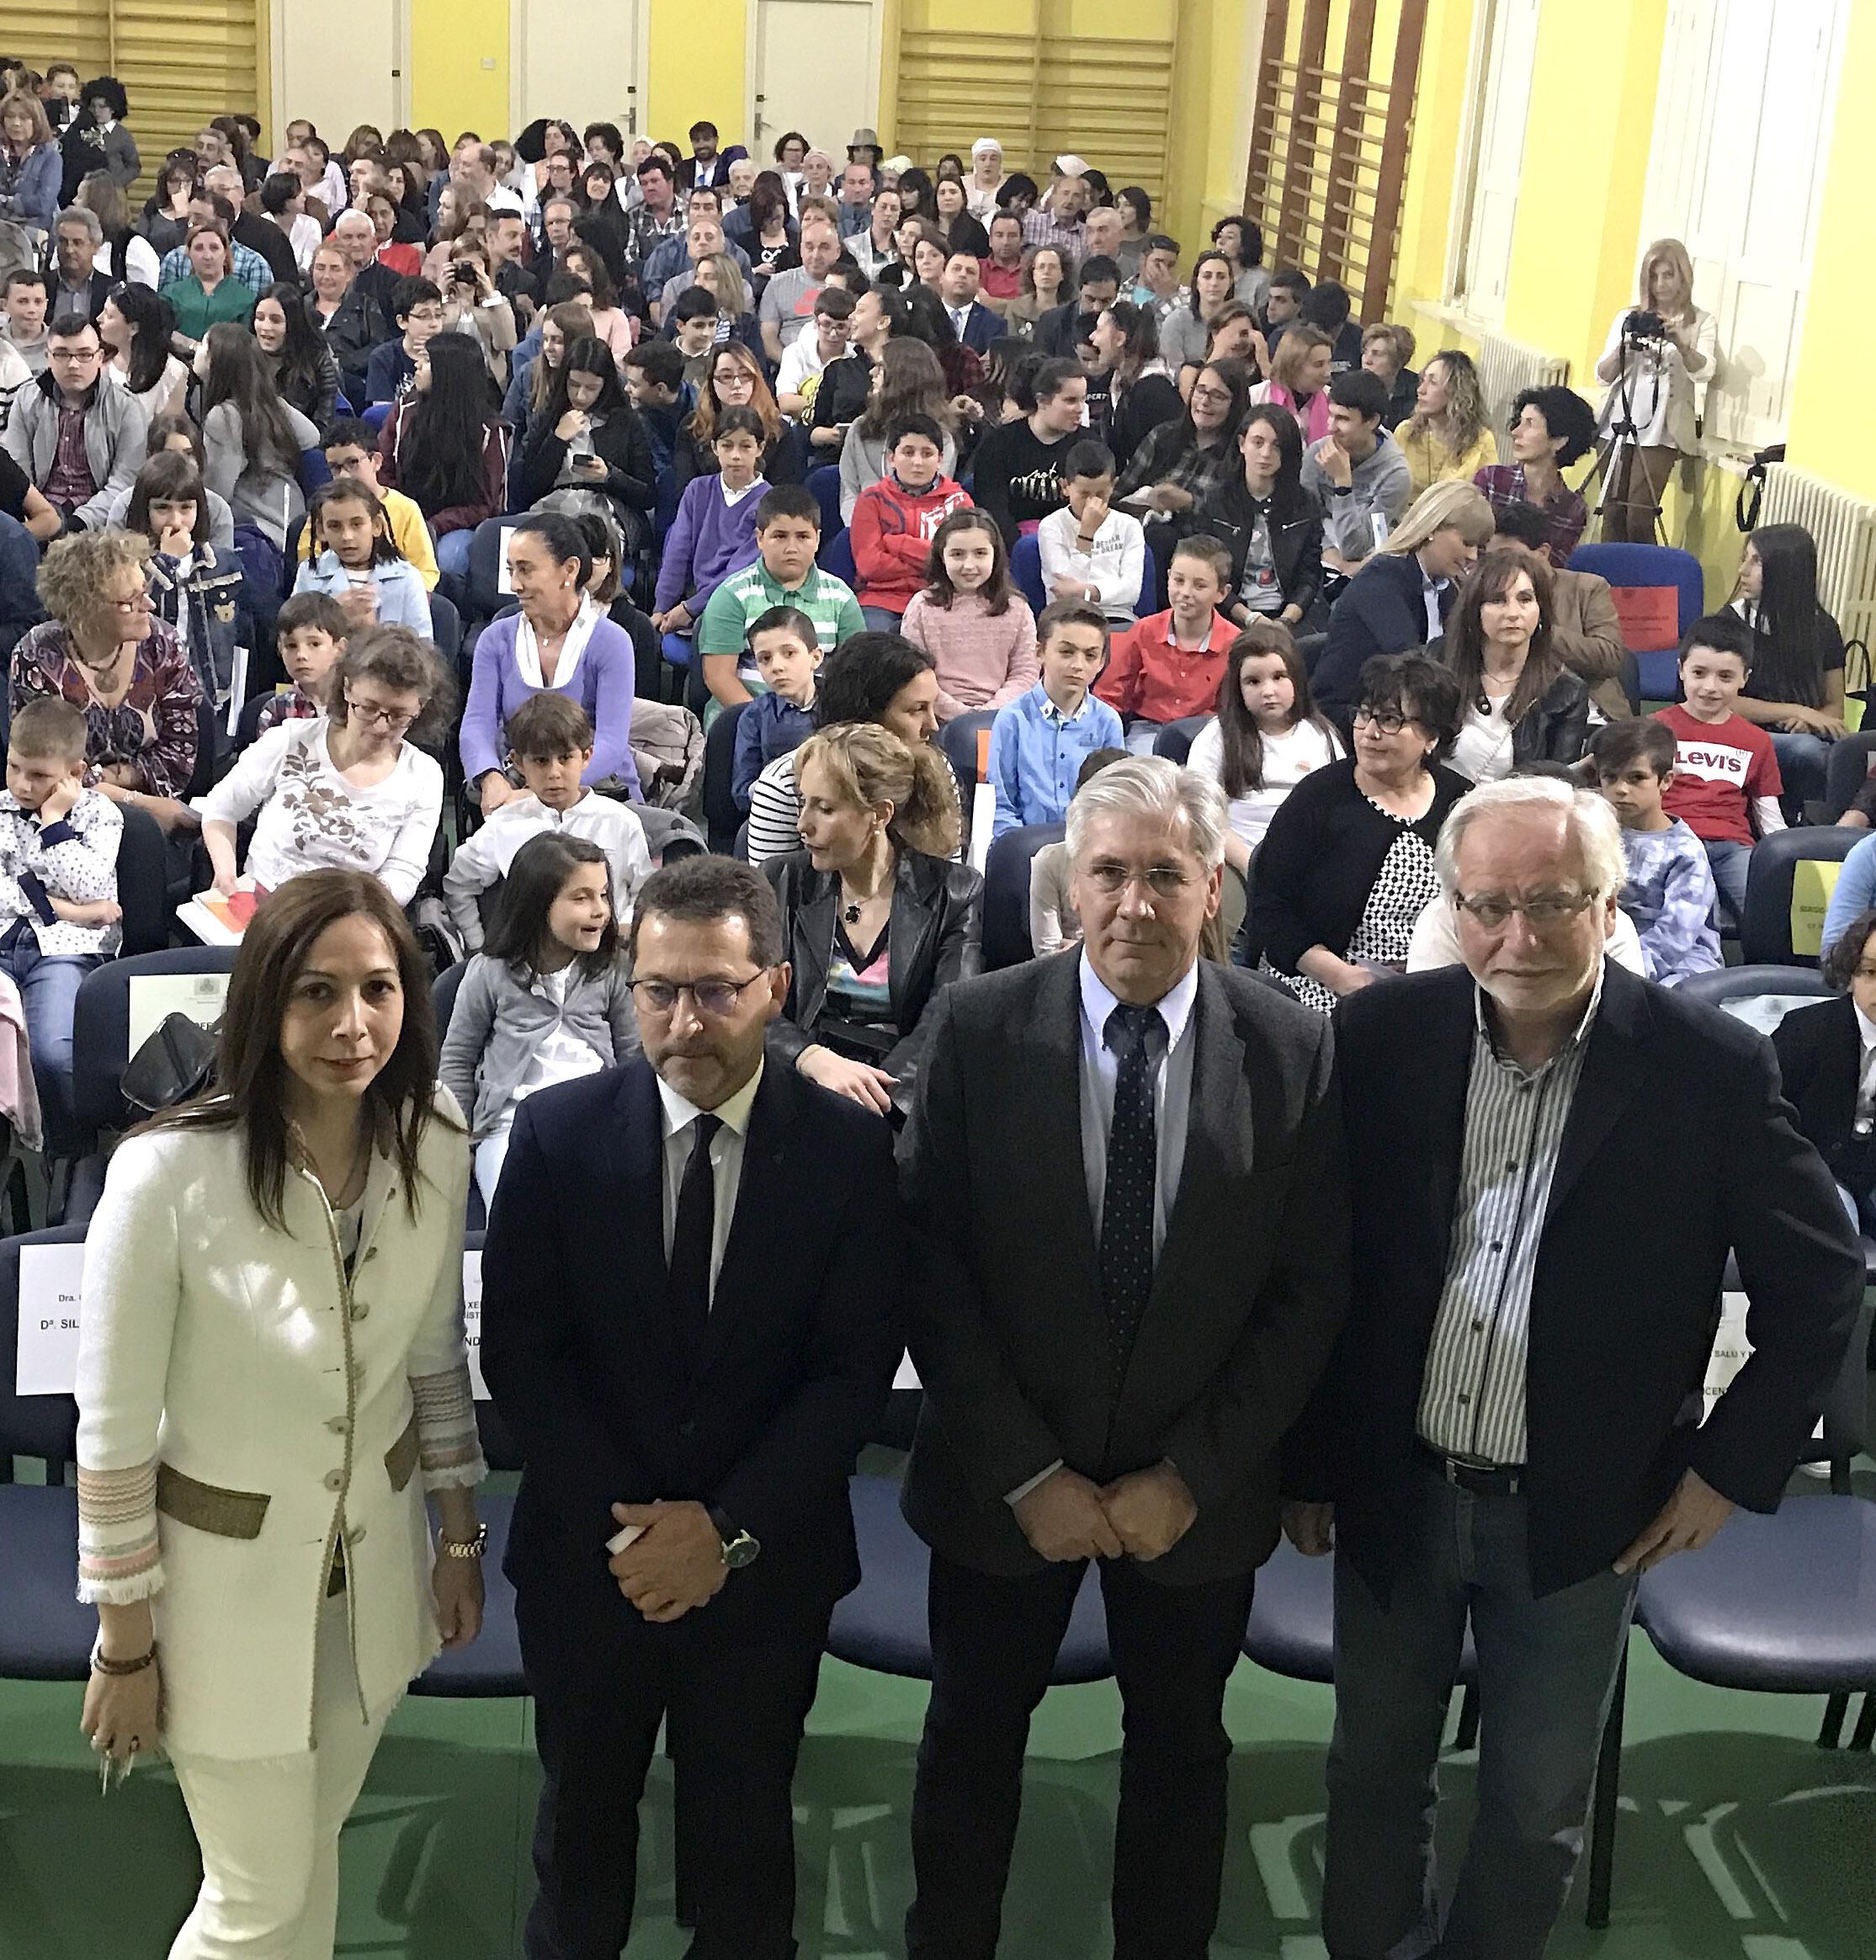 Silvia García, Genaro Alonso, Fernando Padilla y José María Lana actu institucional CP Santiago Apostol de Mieres Día de les Lletres